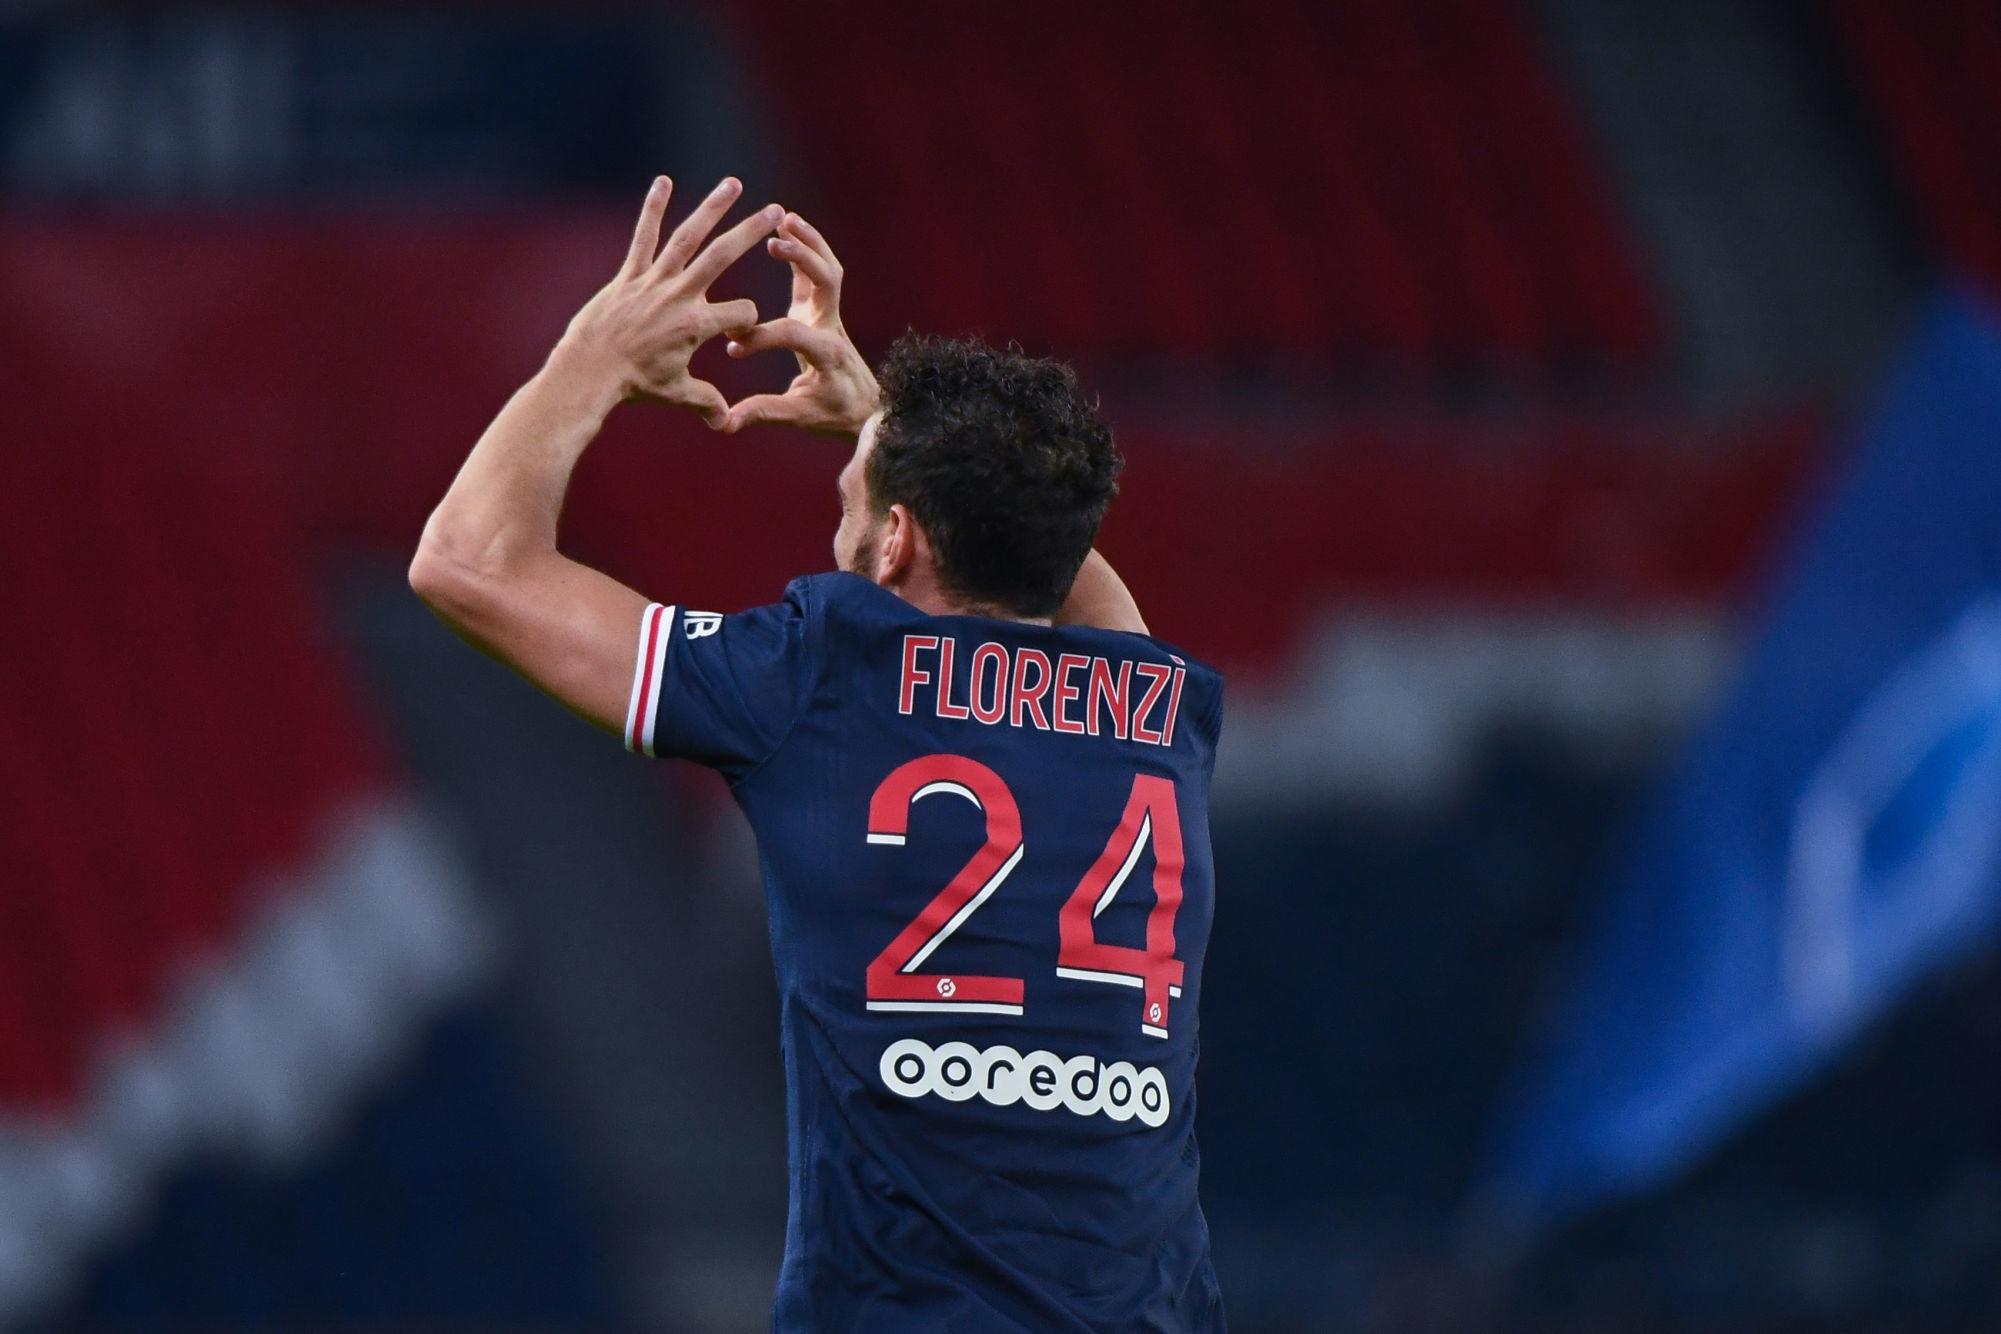 PSG/Angers - Florenzi revient sur son superbe enchaînement et savoure la victoire